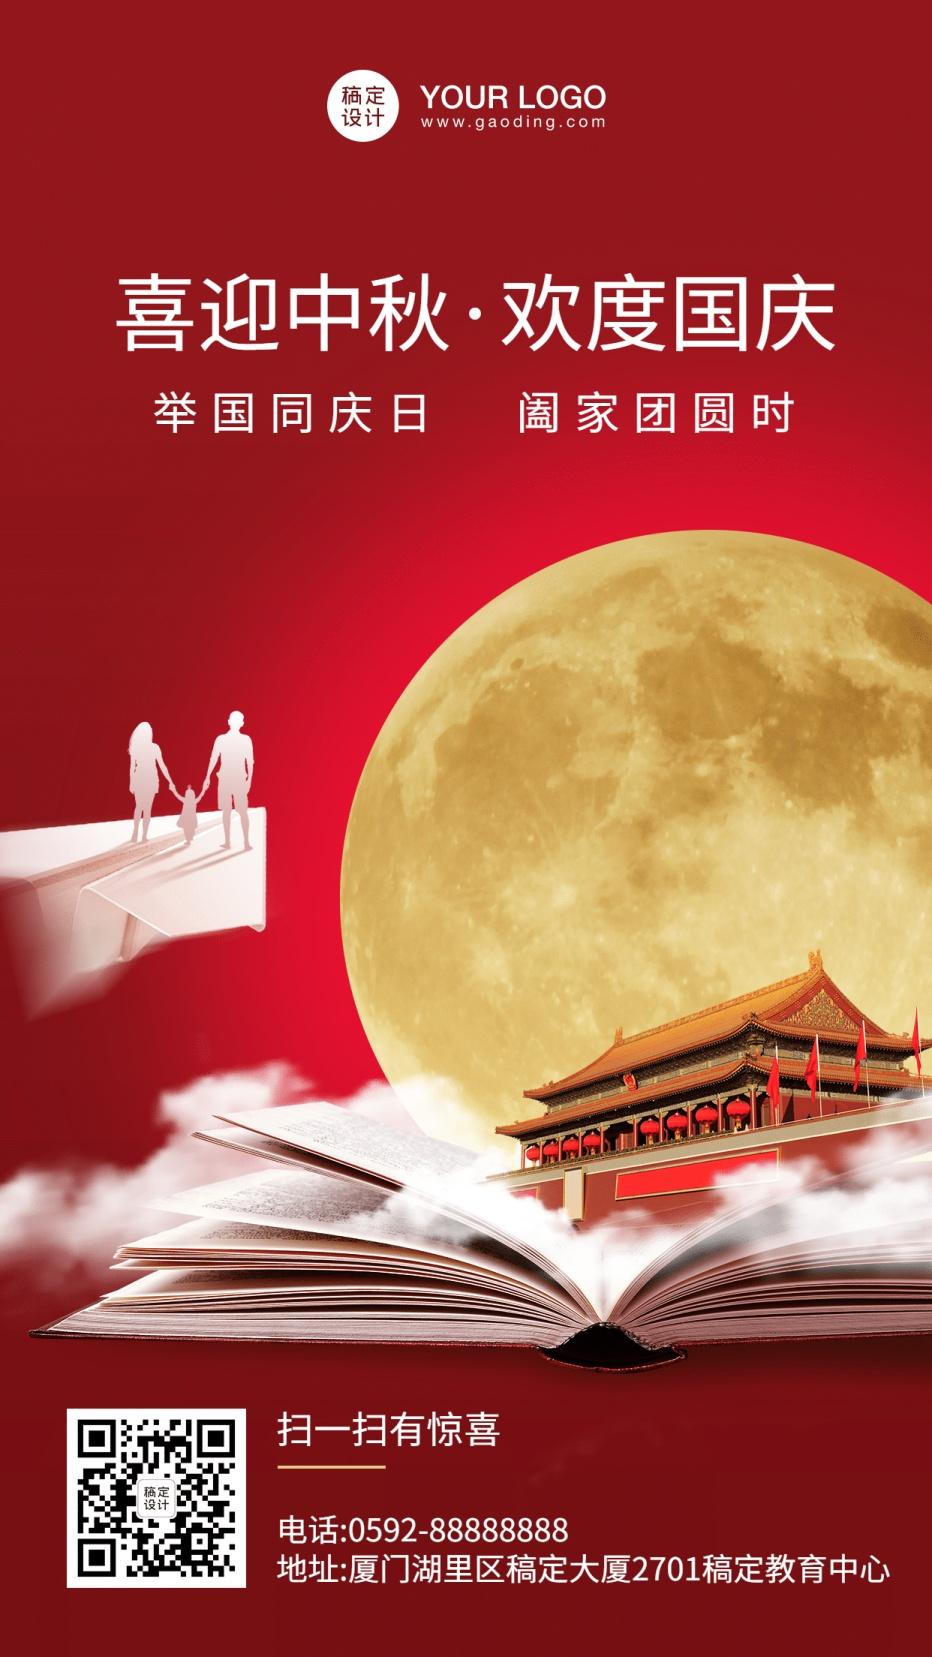 中秋国庆双节祝福宣传海报